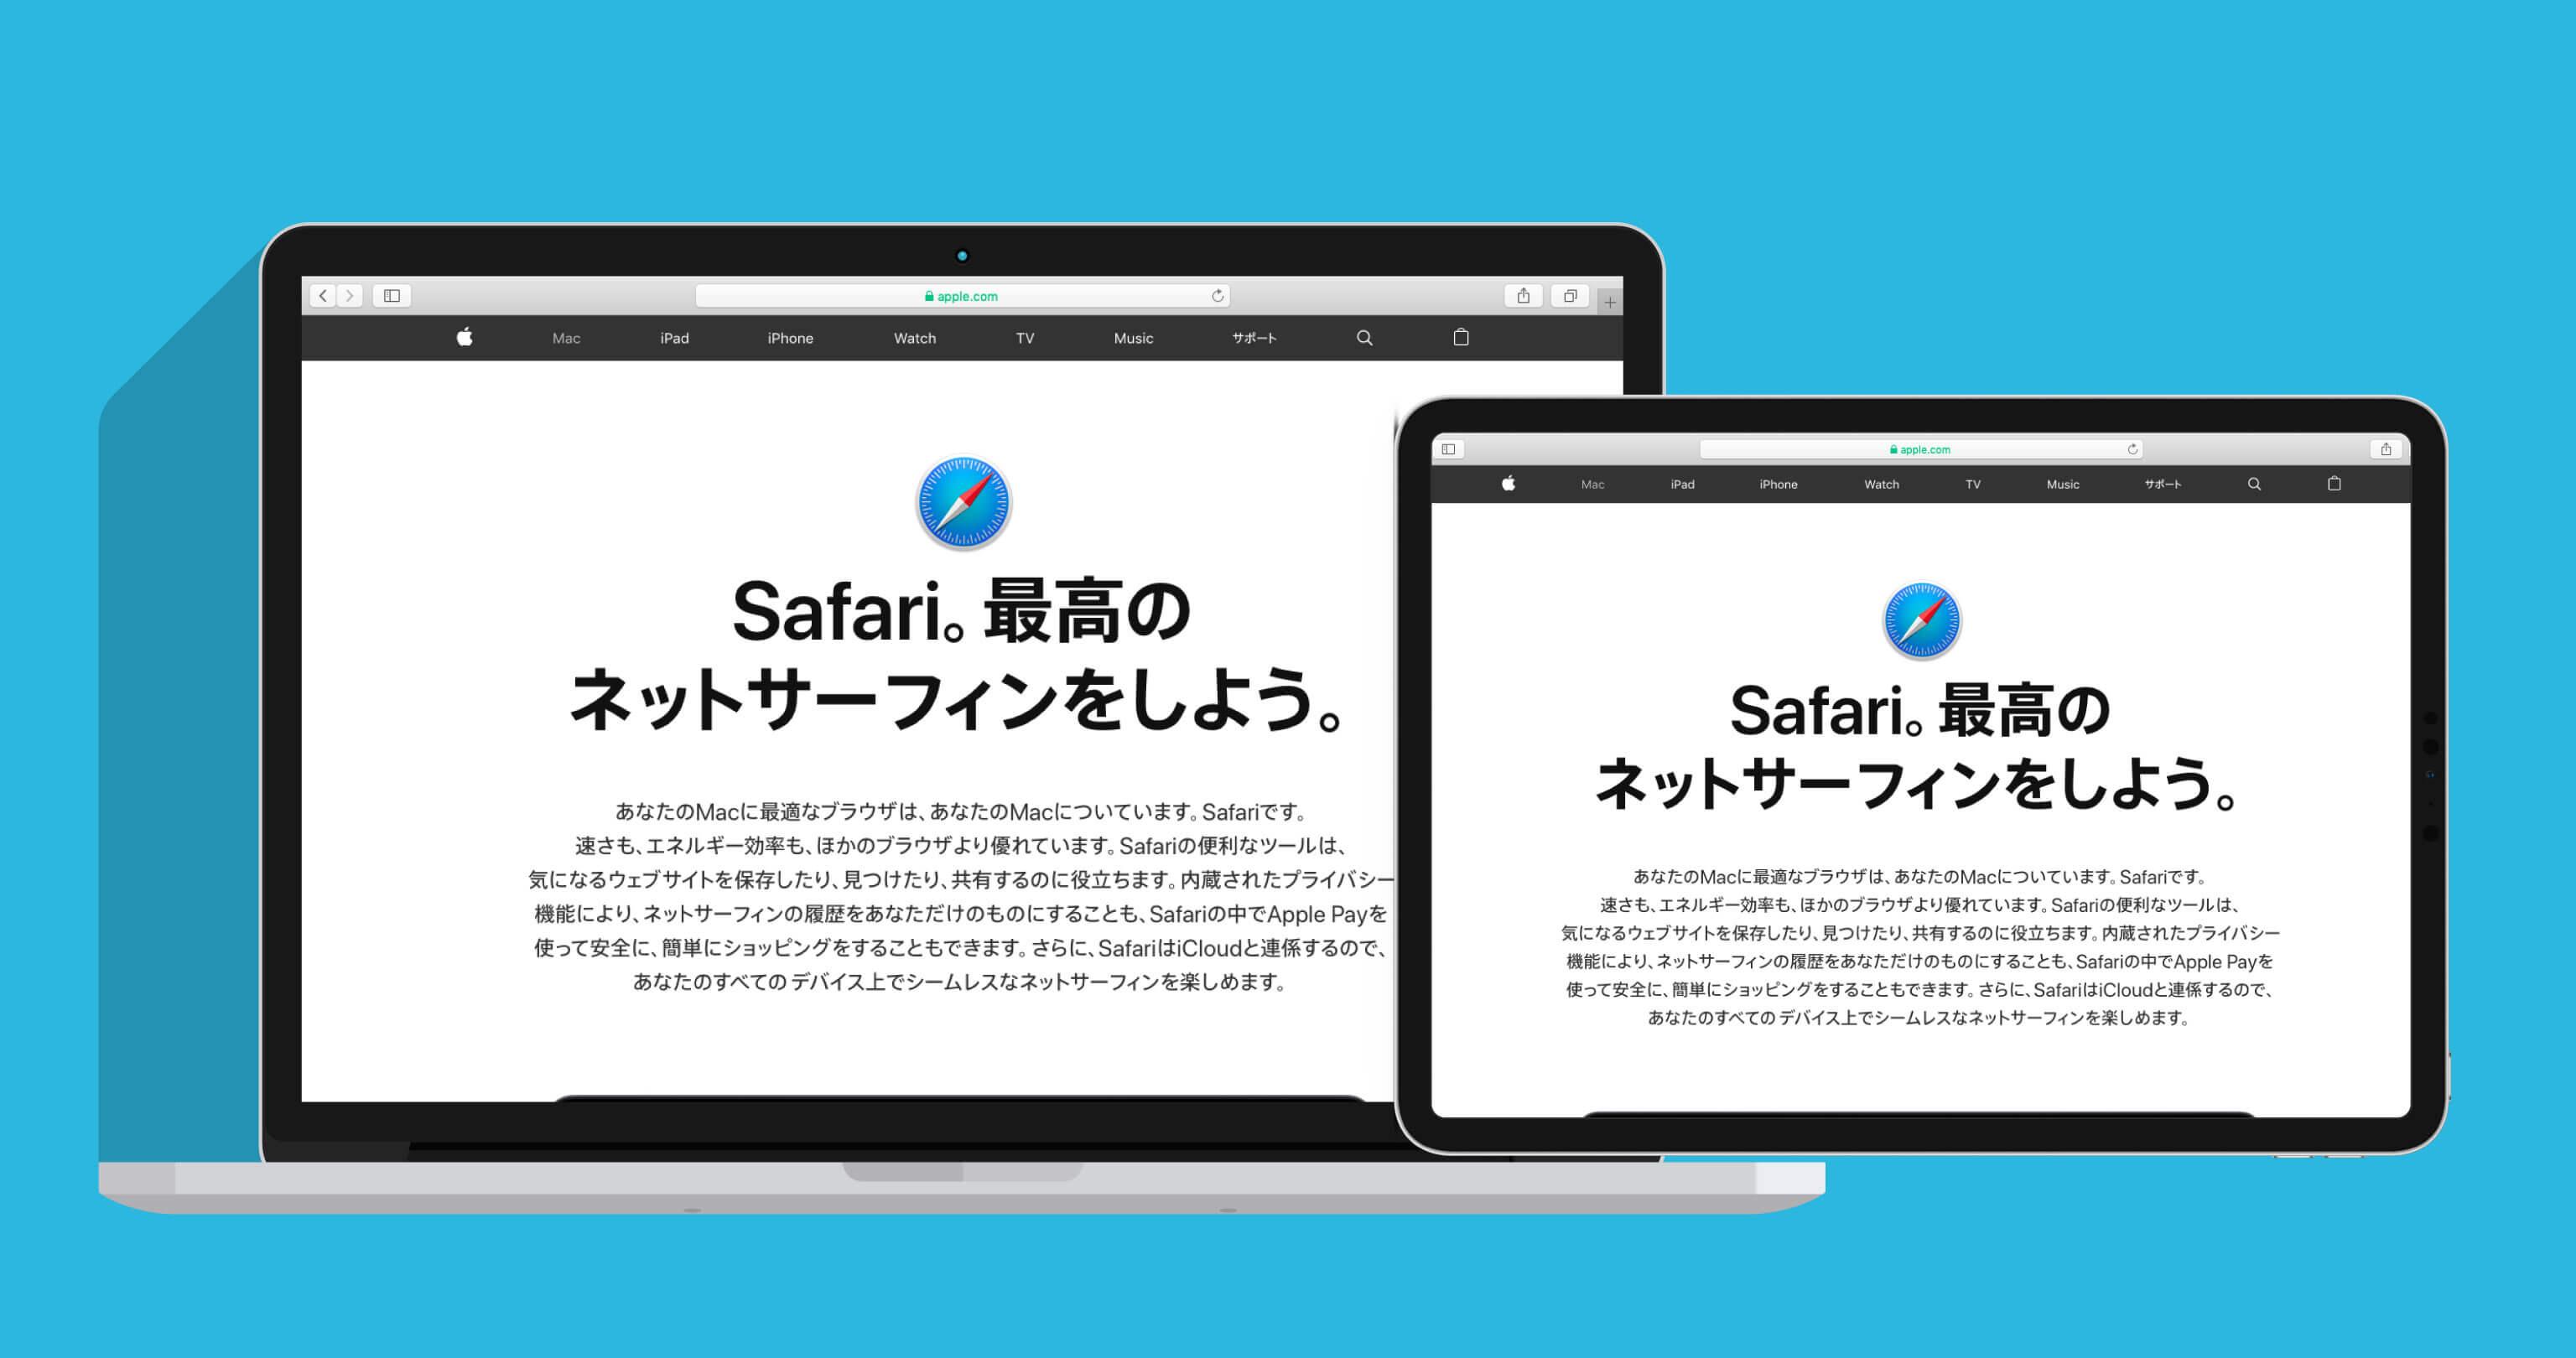 iPhoneやiPadでPC(ディスクトップ)サイトを表示する方法